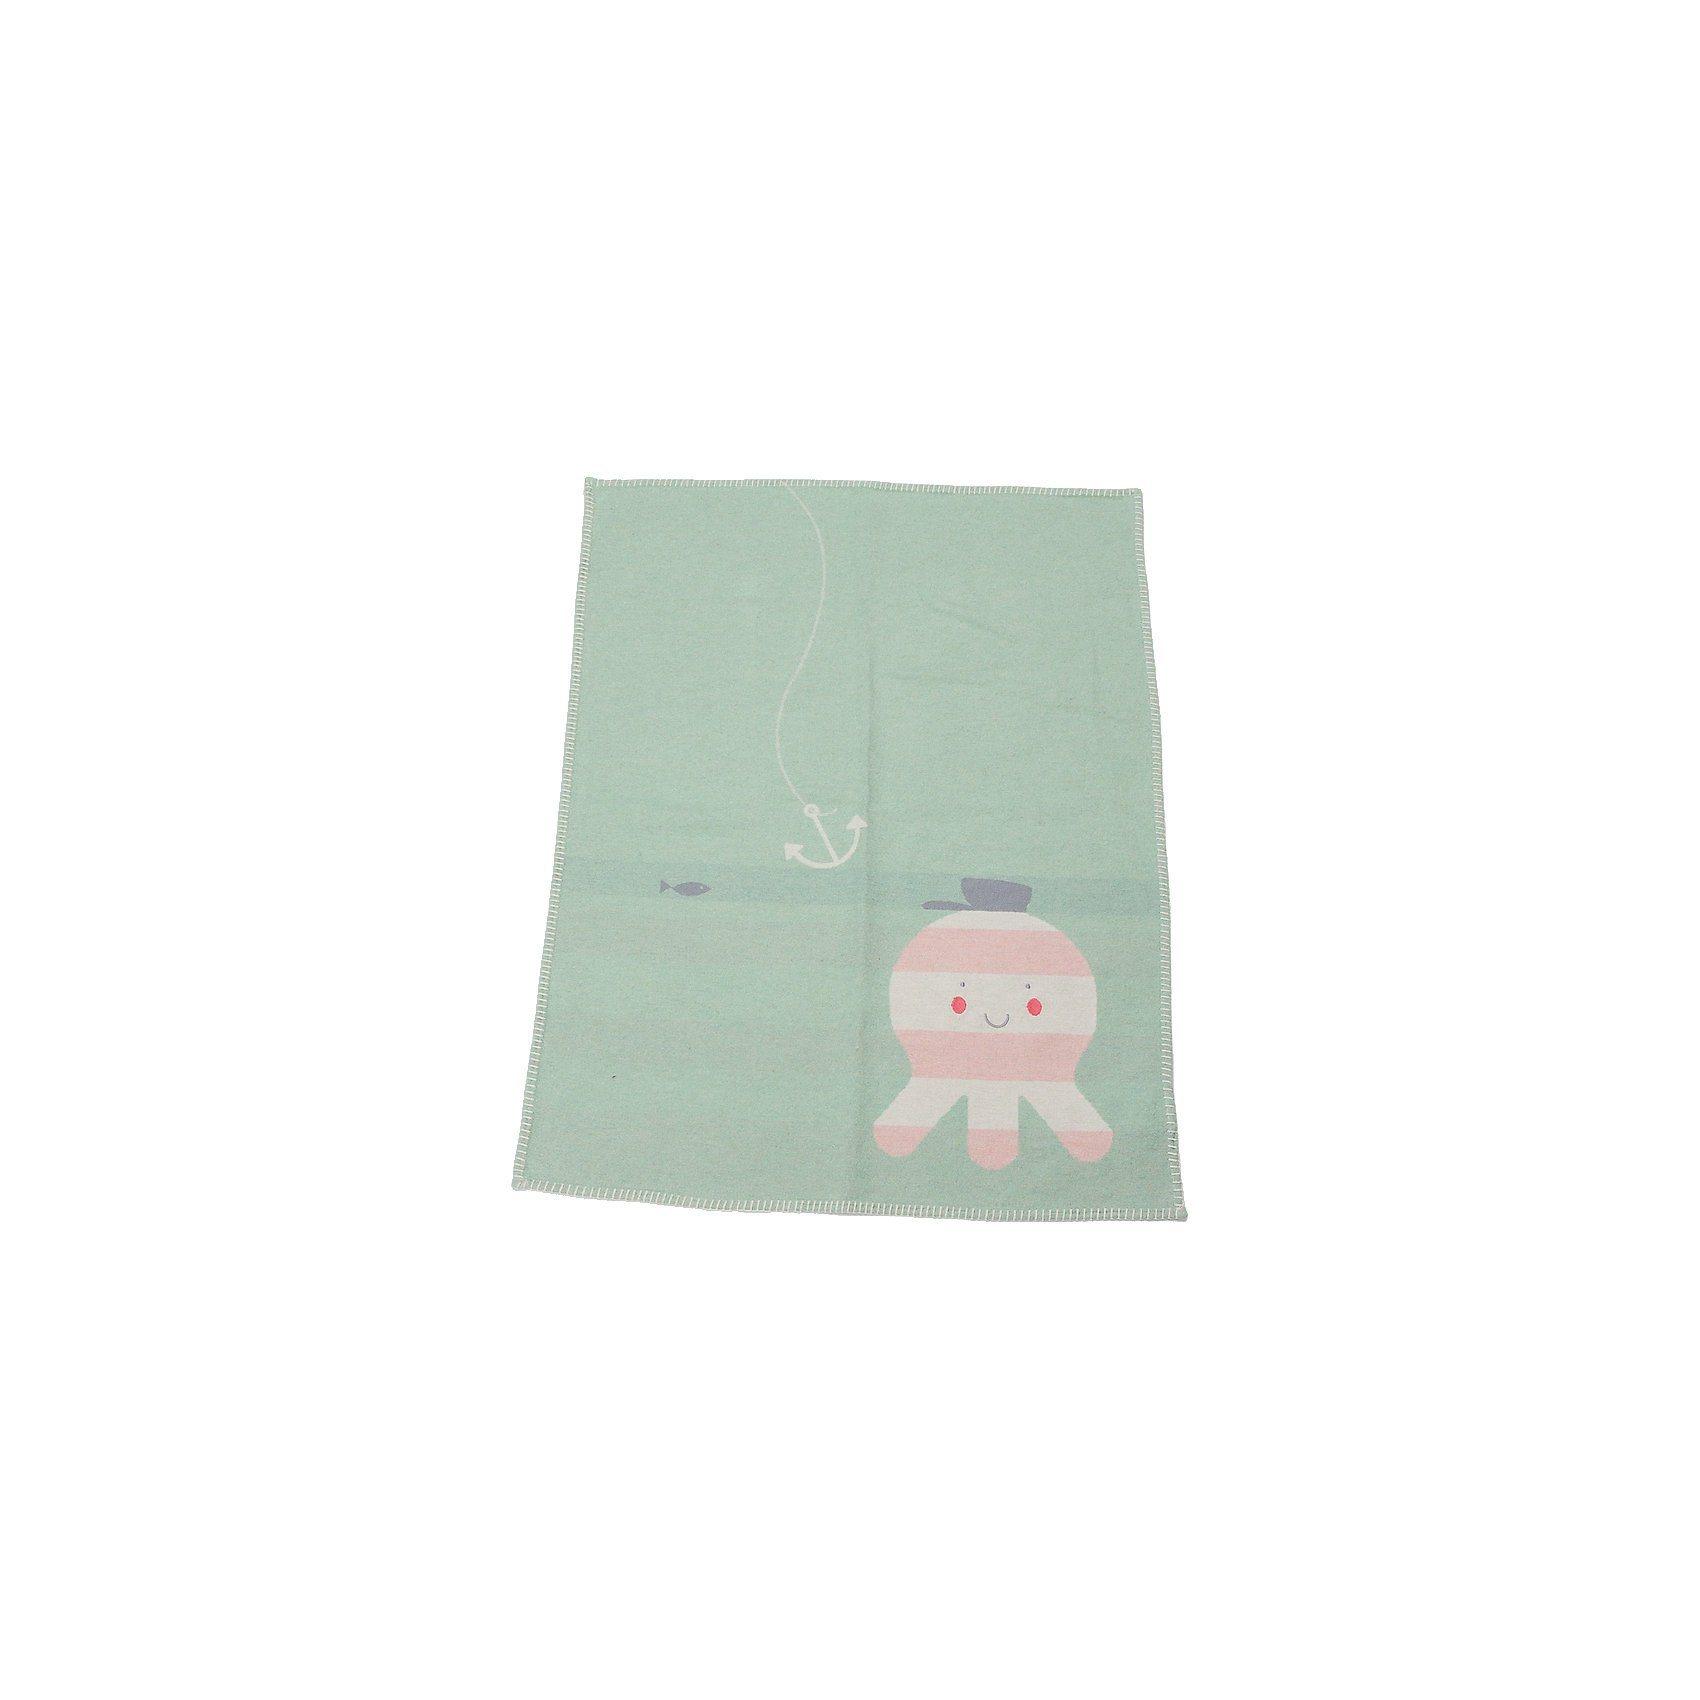 DAVID FUSSENEGGER Babydecke Lili mit Stickerei, Krake mint, 70 x 90 cm | Kinderzimmer > Textilien für Kinder > Babytextilien | Baumwolle - Viskose | DAVID FUSSENEGGER